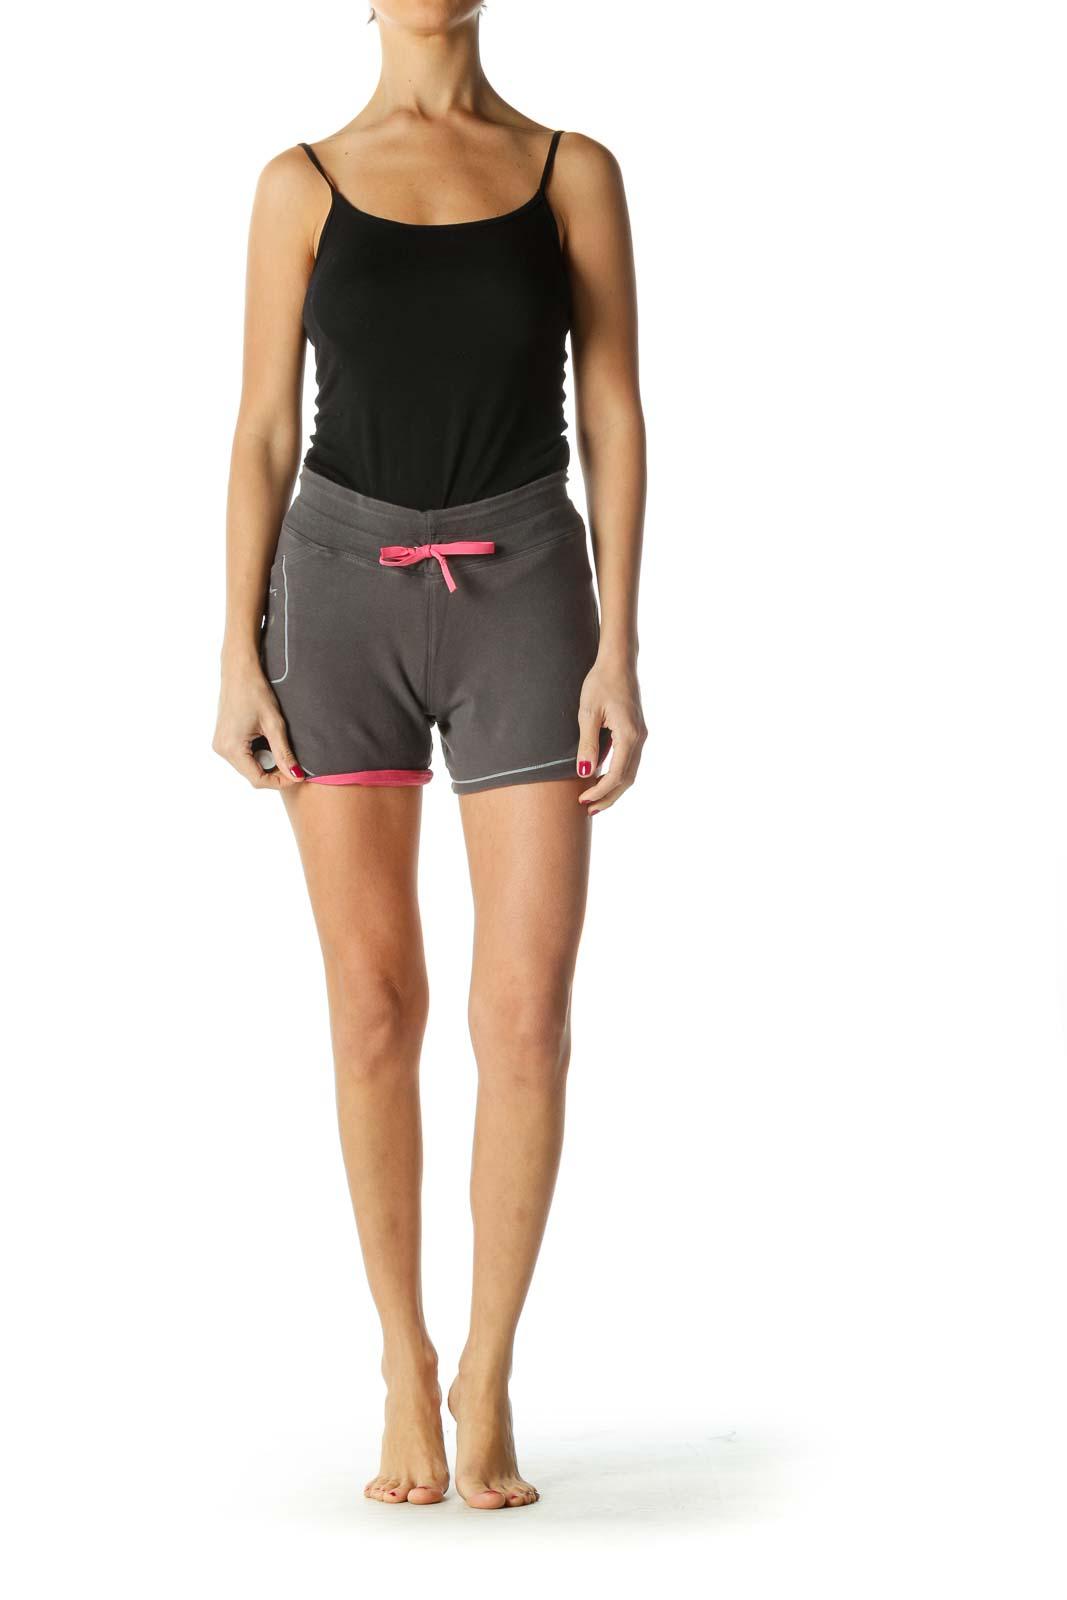 Gray and Pink Active Shorts